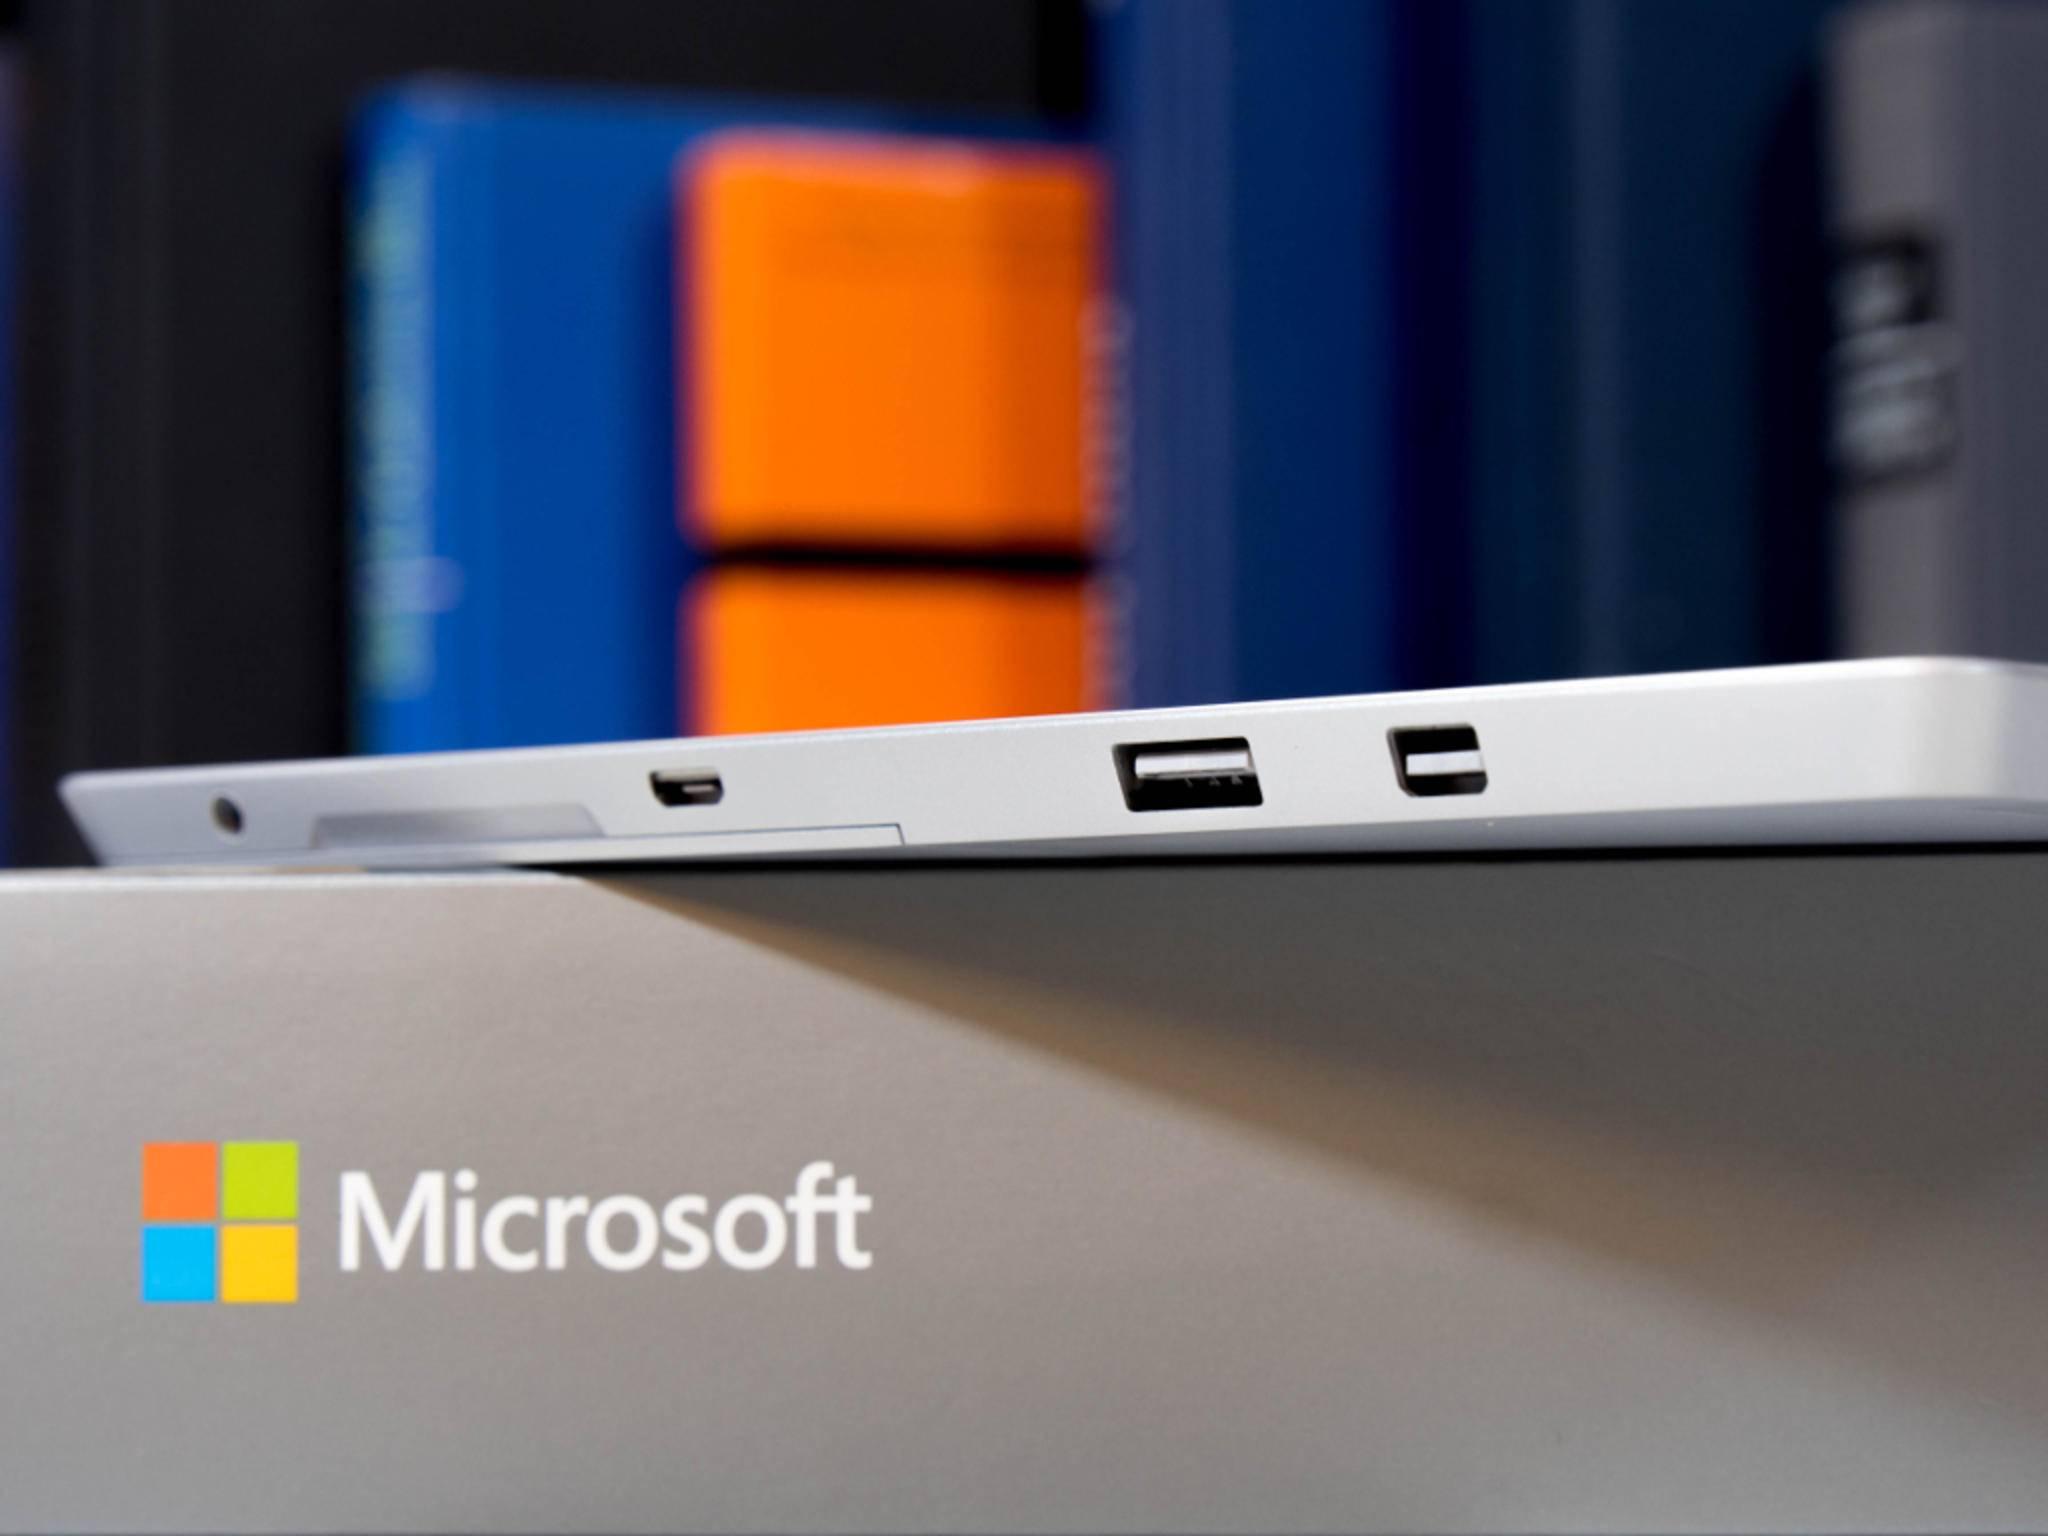 Das Gerät hat unter anderem einen Mini-Display-Port, Micro-USB und Micro-SD.